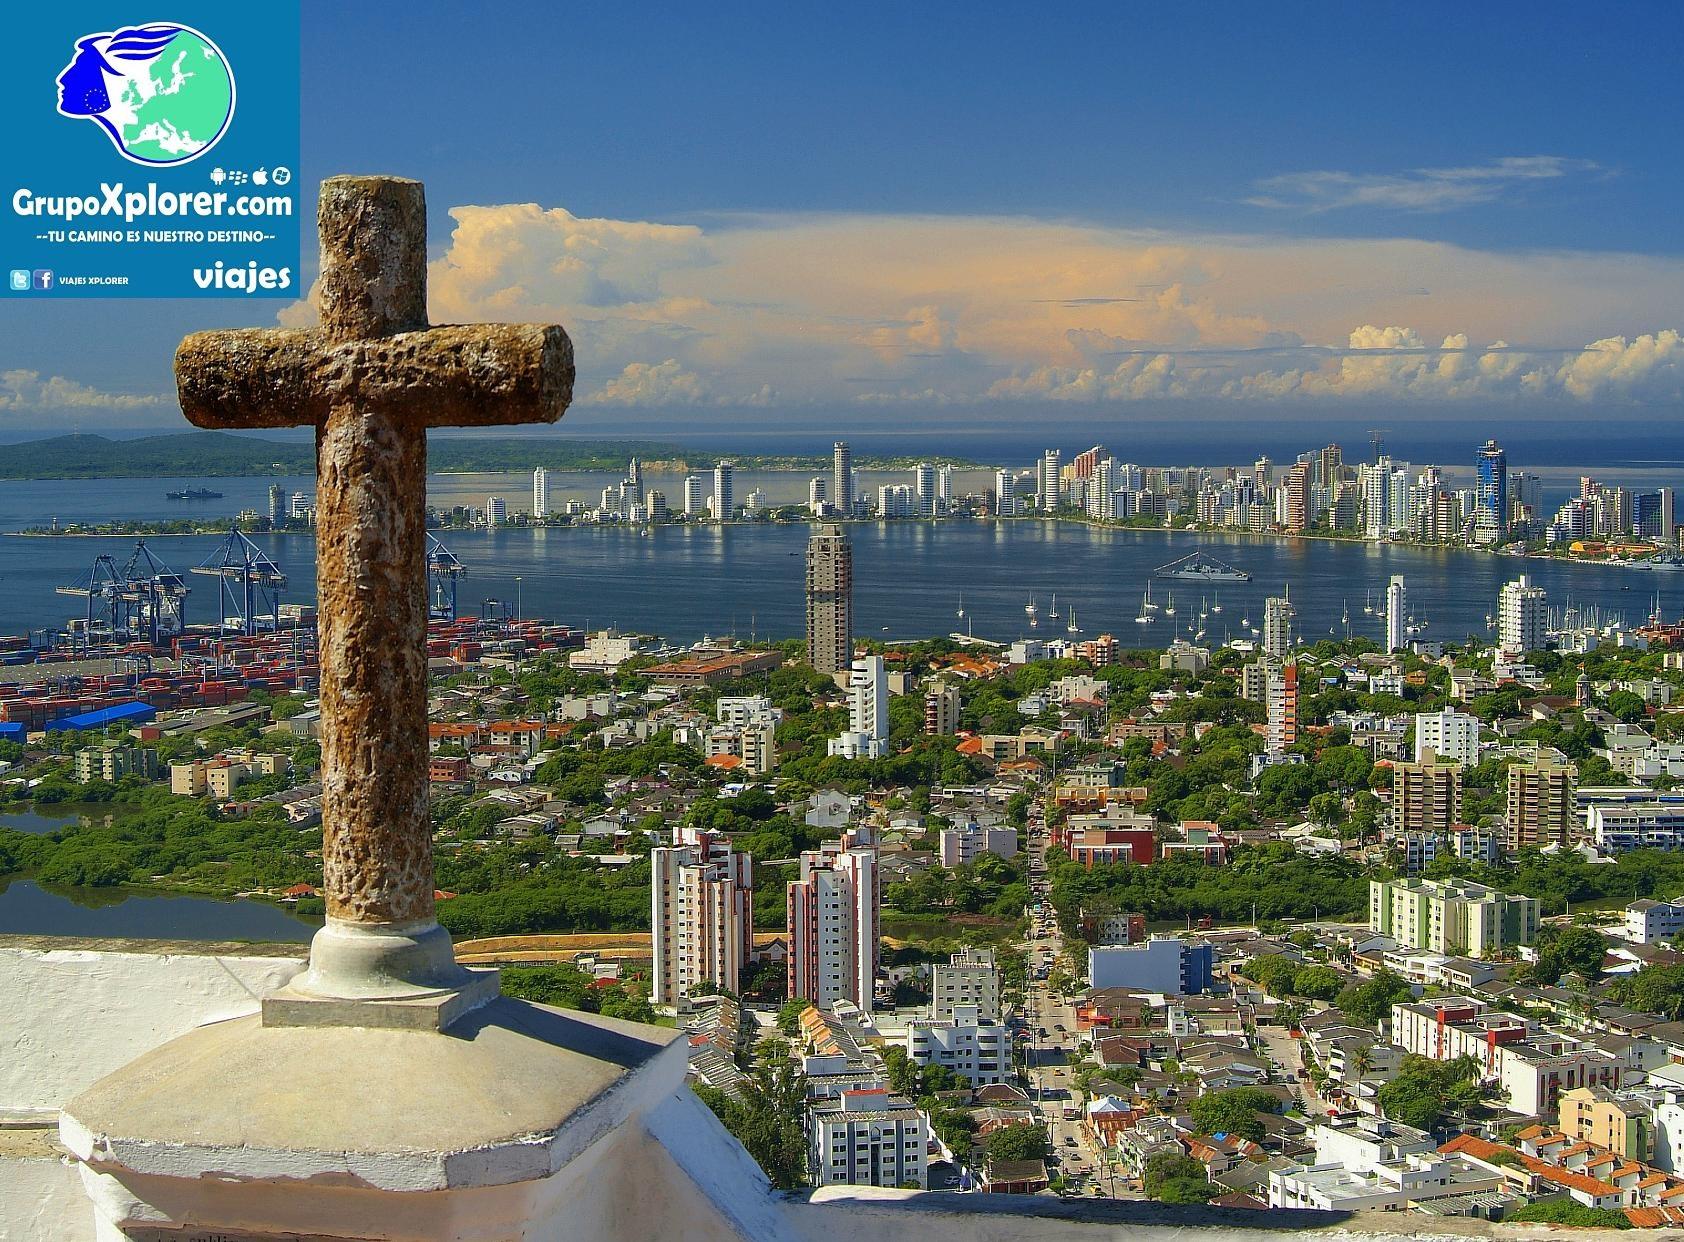 Cartagena_de_Indias_desde_el_cerro_La_Popa (1)